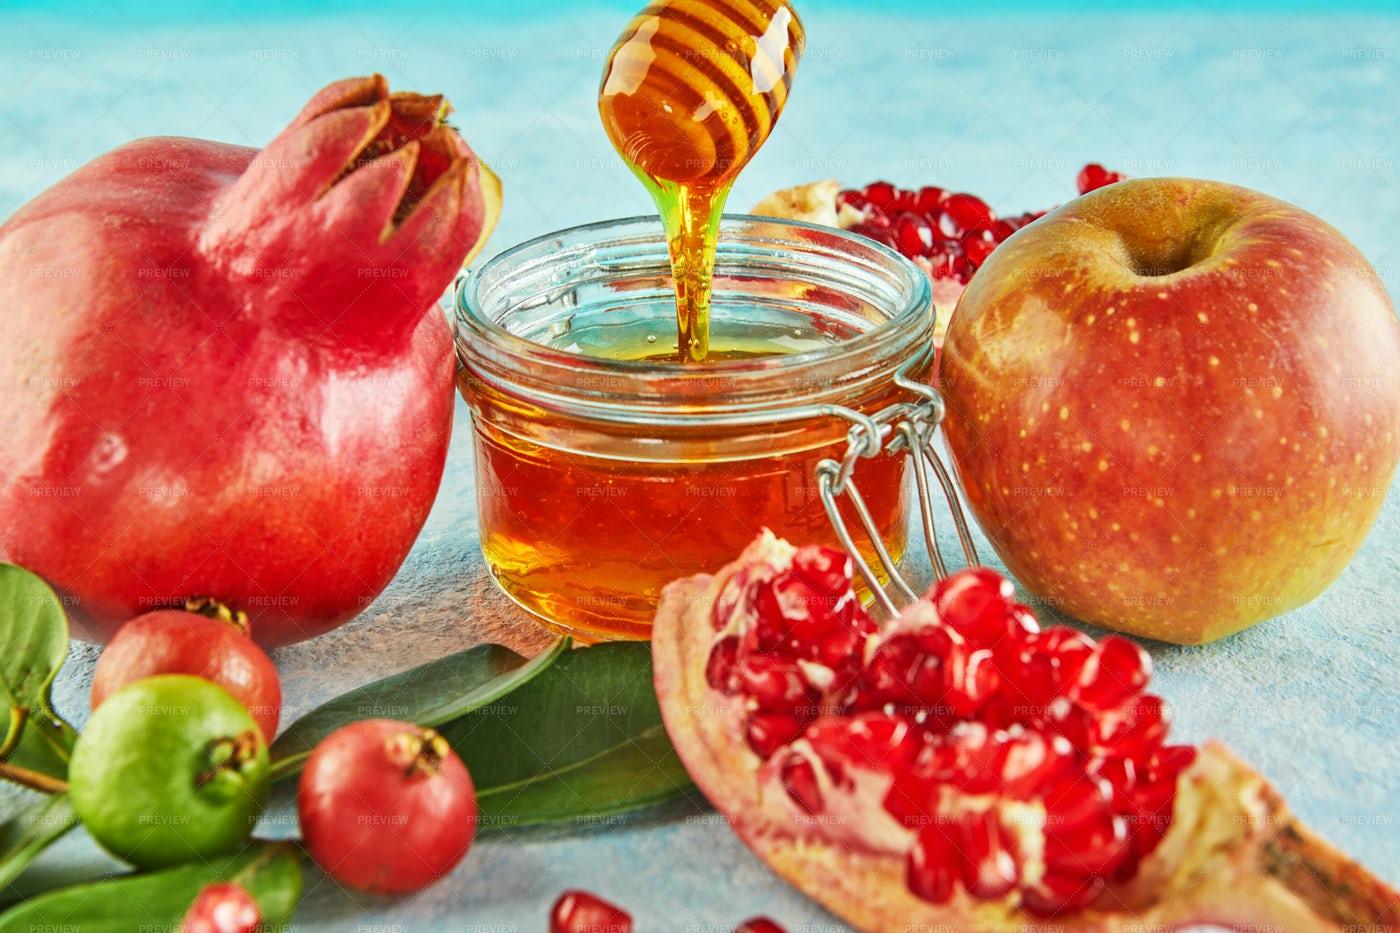 Honey, Apple And Pomegranate: Stock Photos